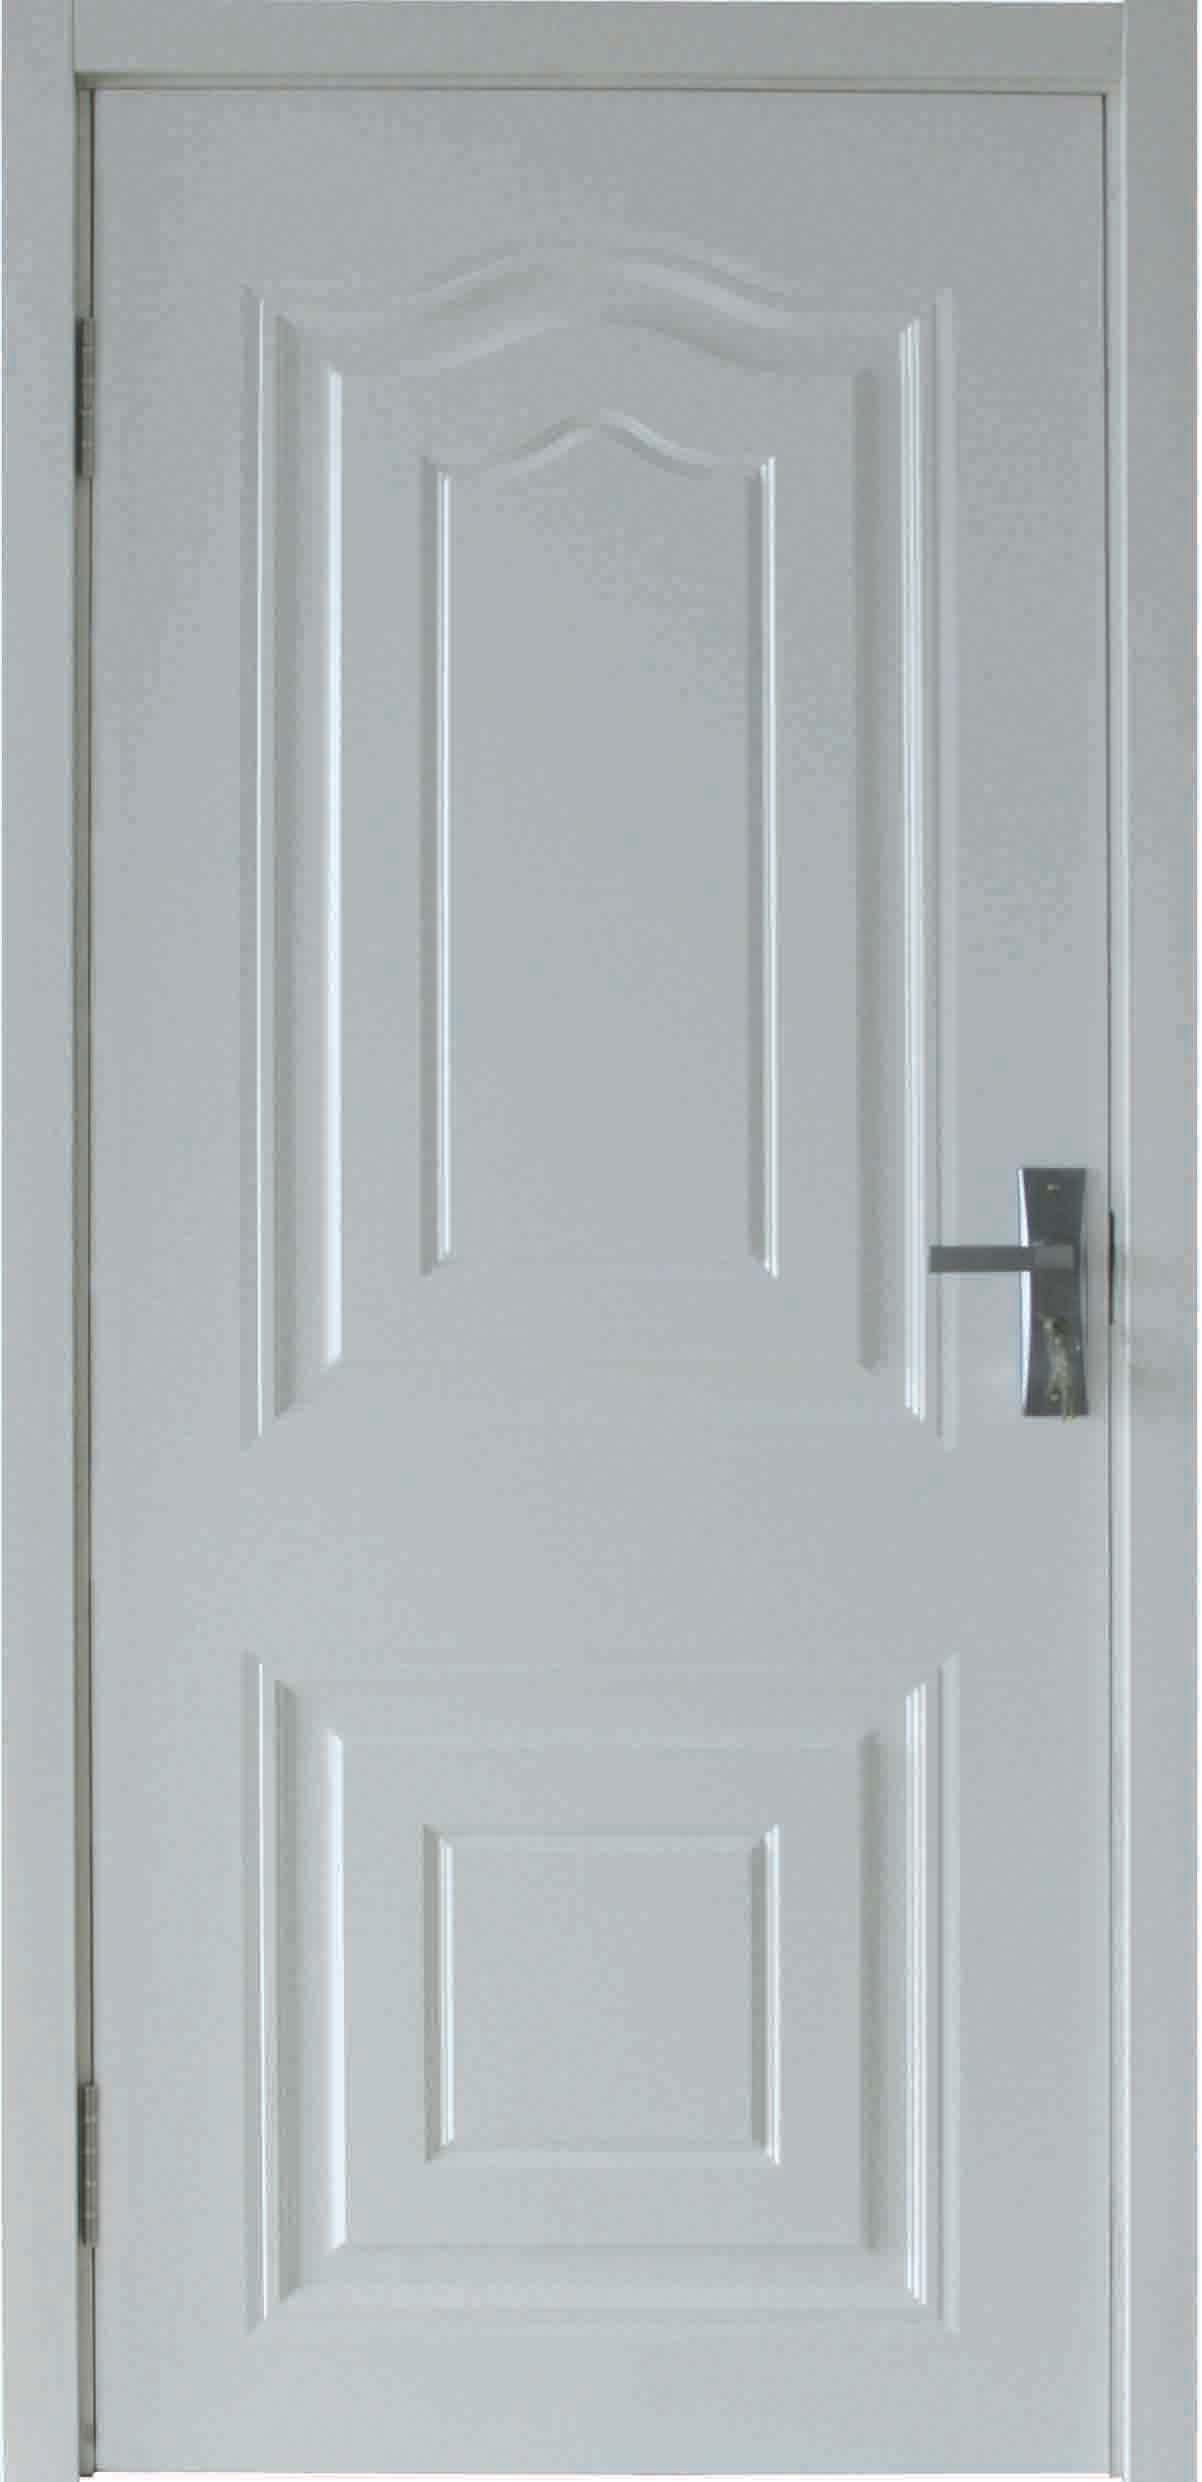 Pvc Interior Door - Buy Interior DoorRoom DoorInner Door Product on Alibaba.com & Pvc Interior Door - Buy Interior DoorRoom DoorInner Door Product ...